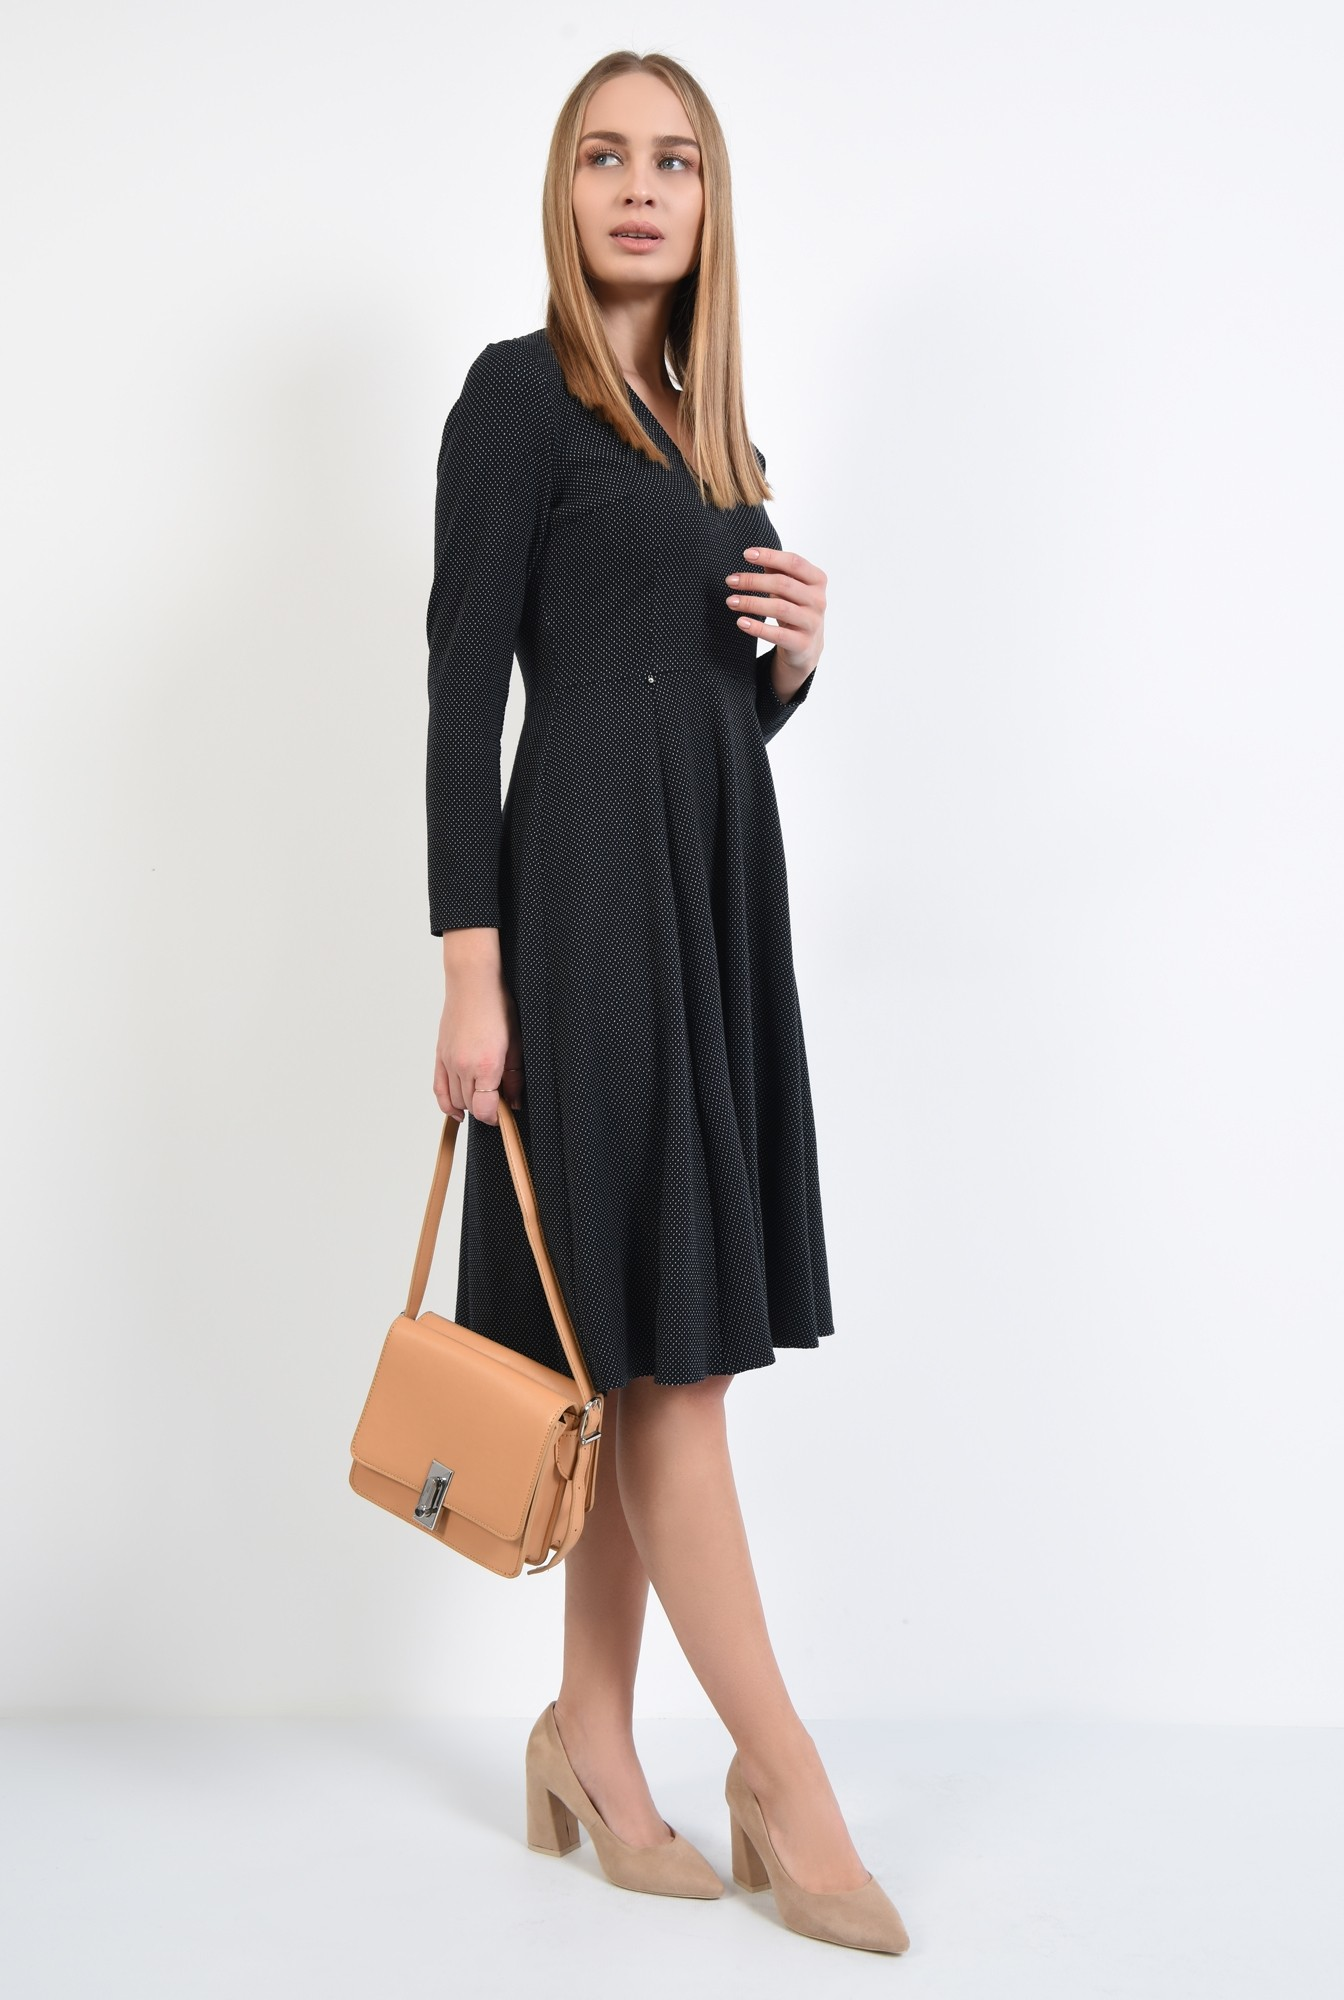 0 - 360 - rochie neagra cu picouri albe, evazata, midi, decolteu anchior